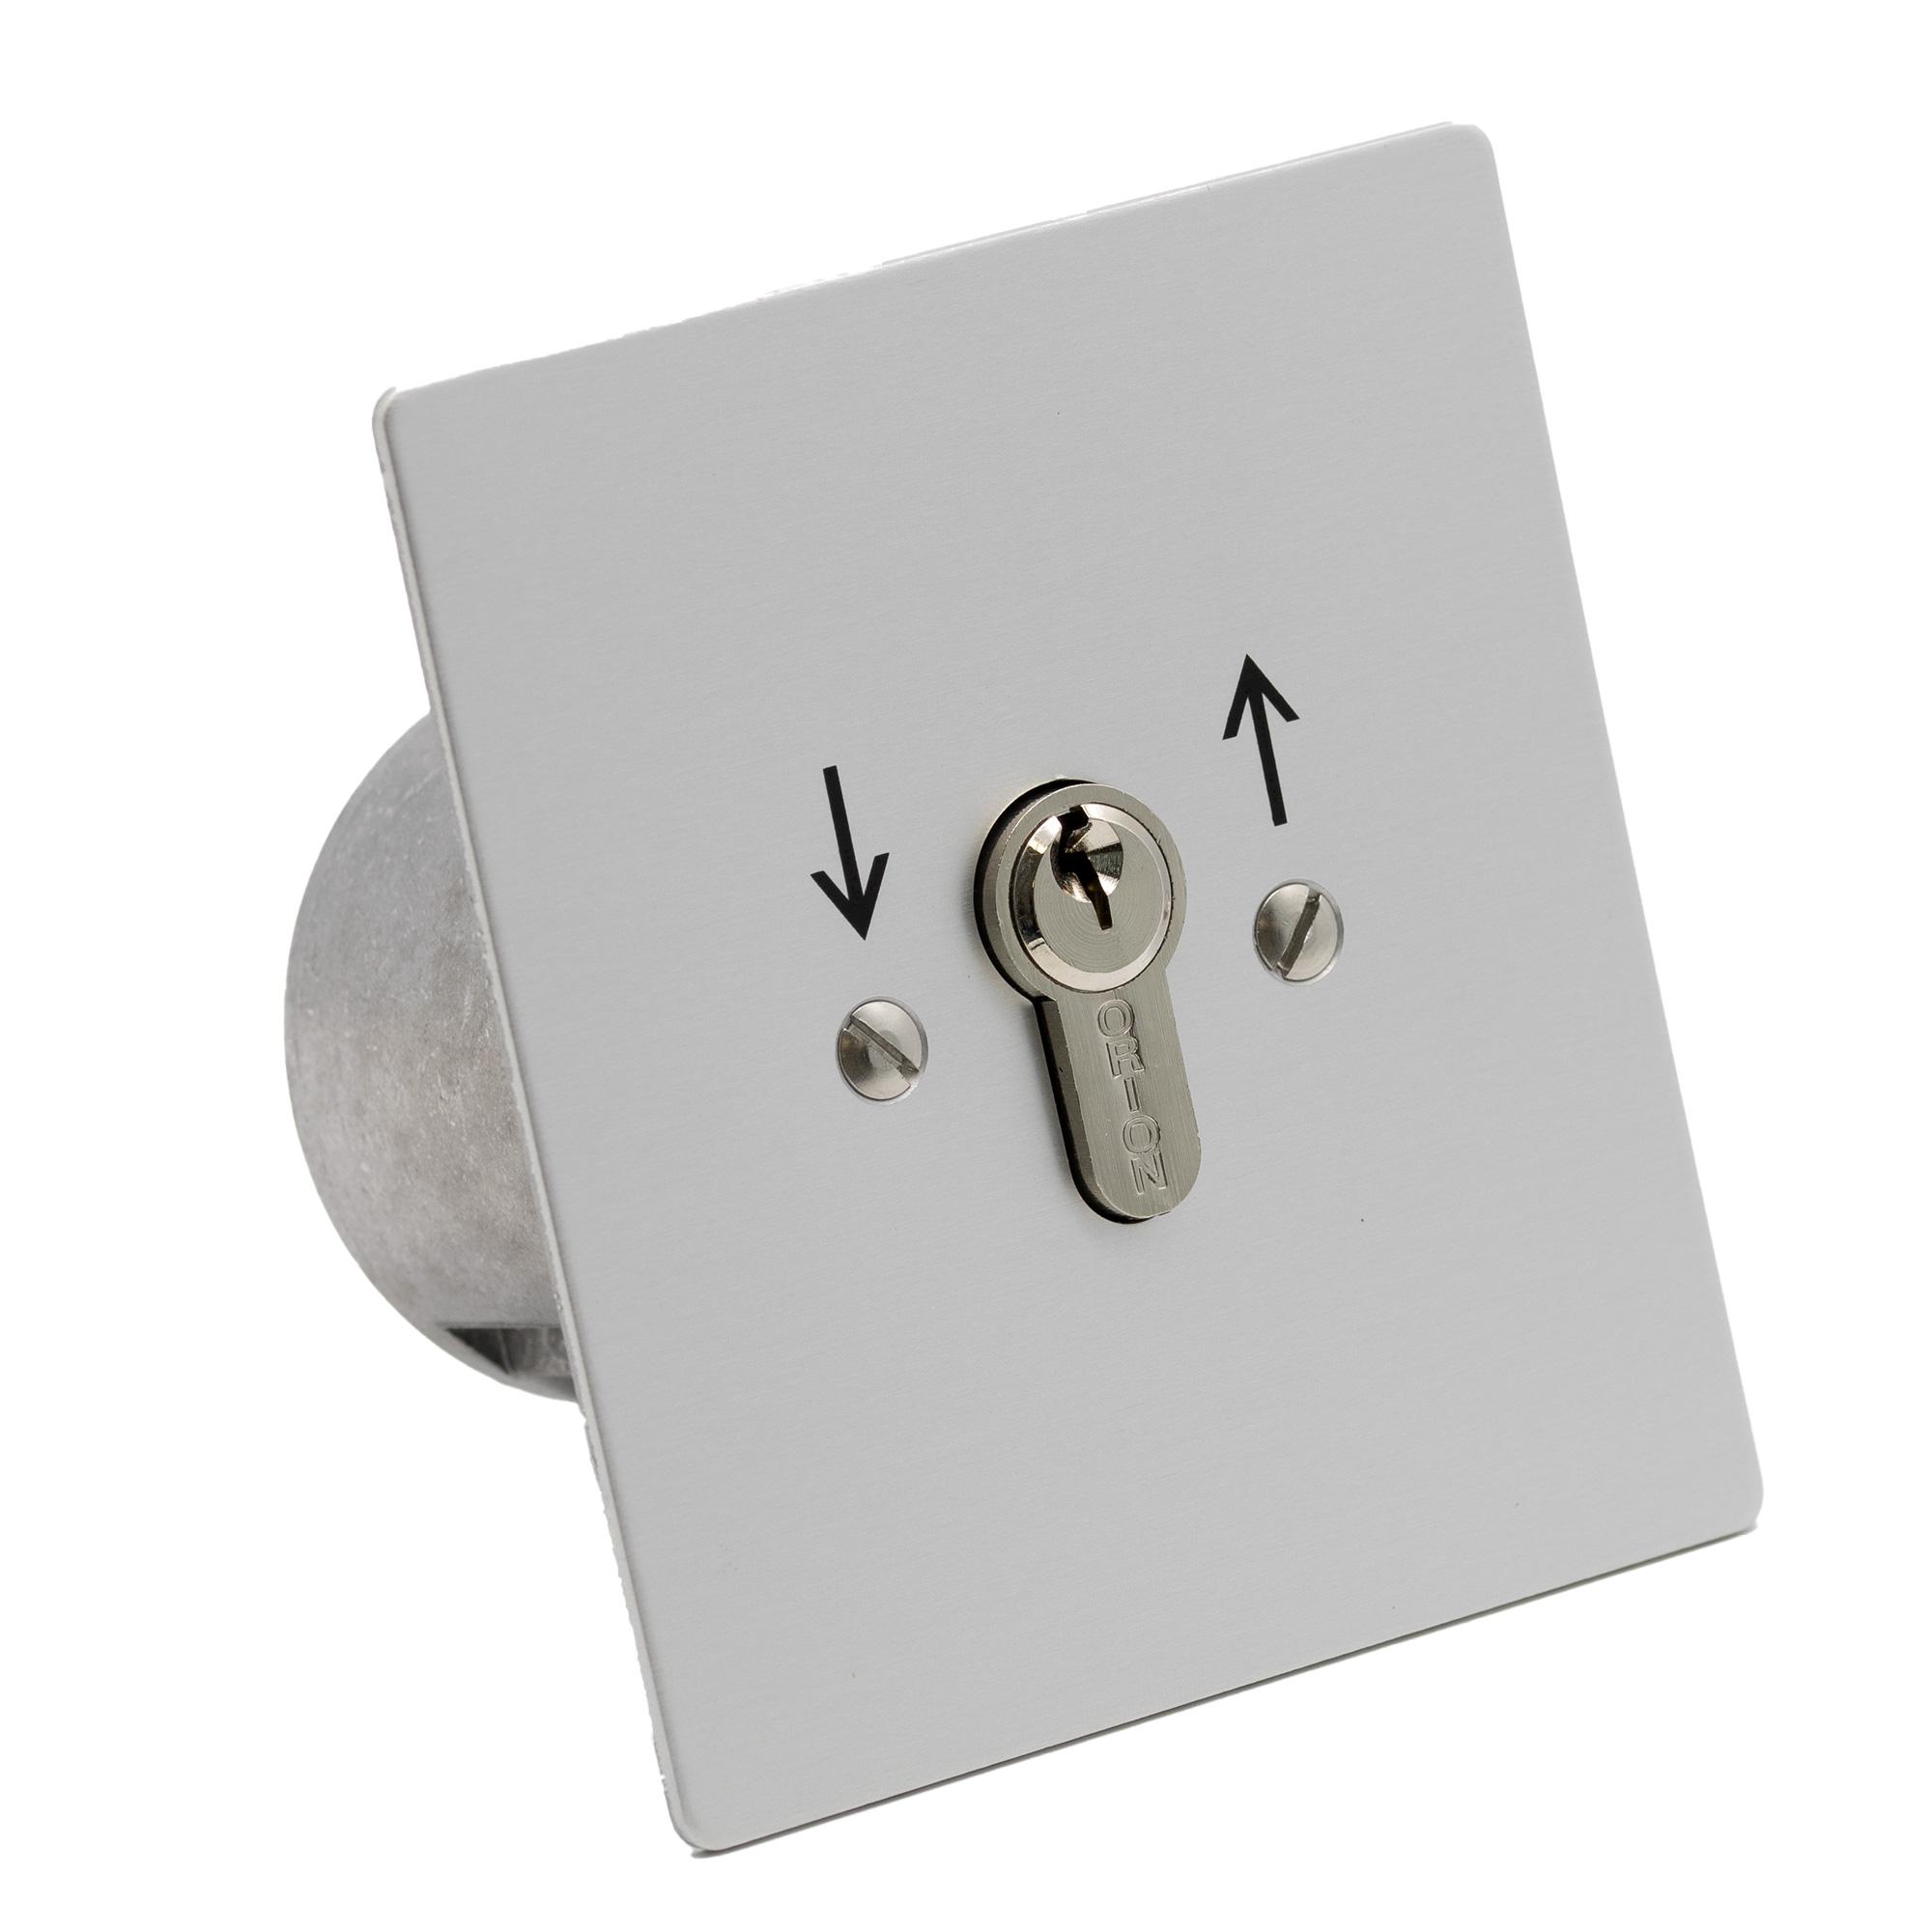 BFT Unterputz-Schlüsselschalter